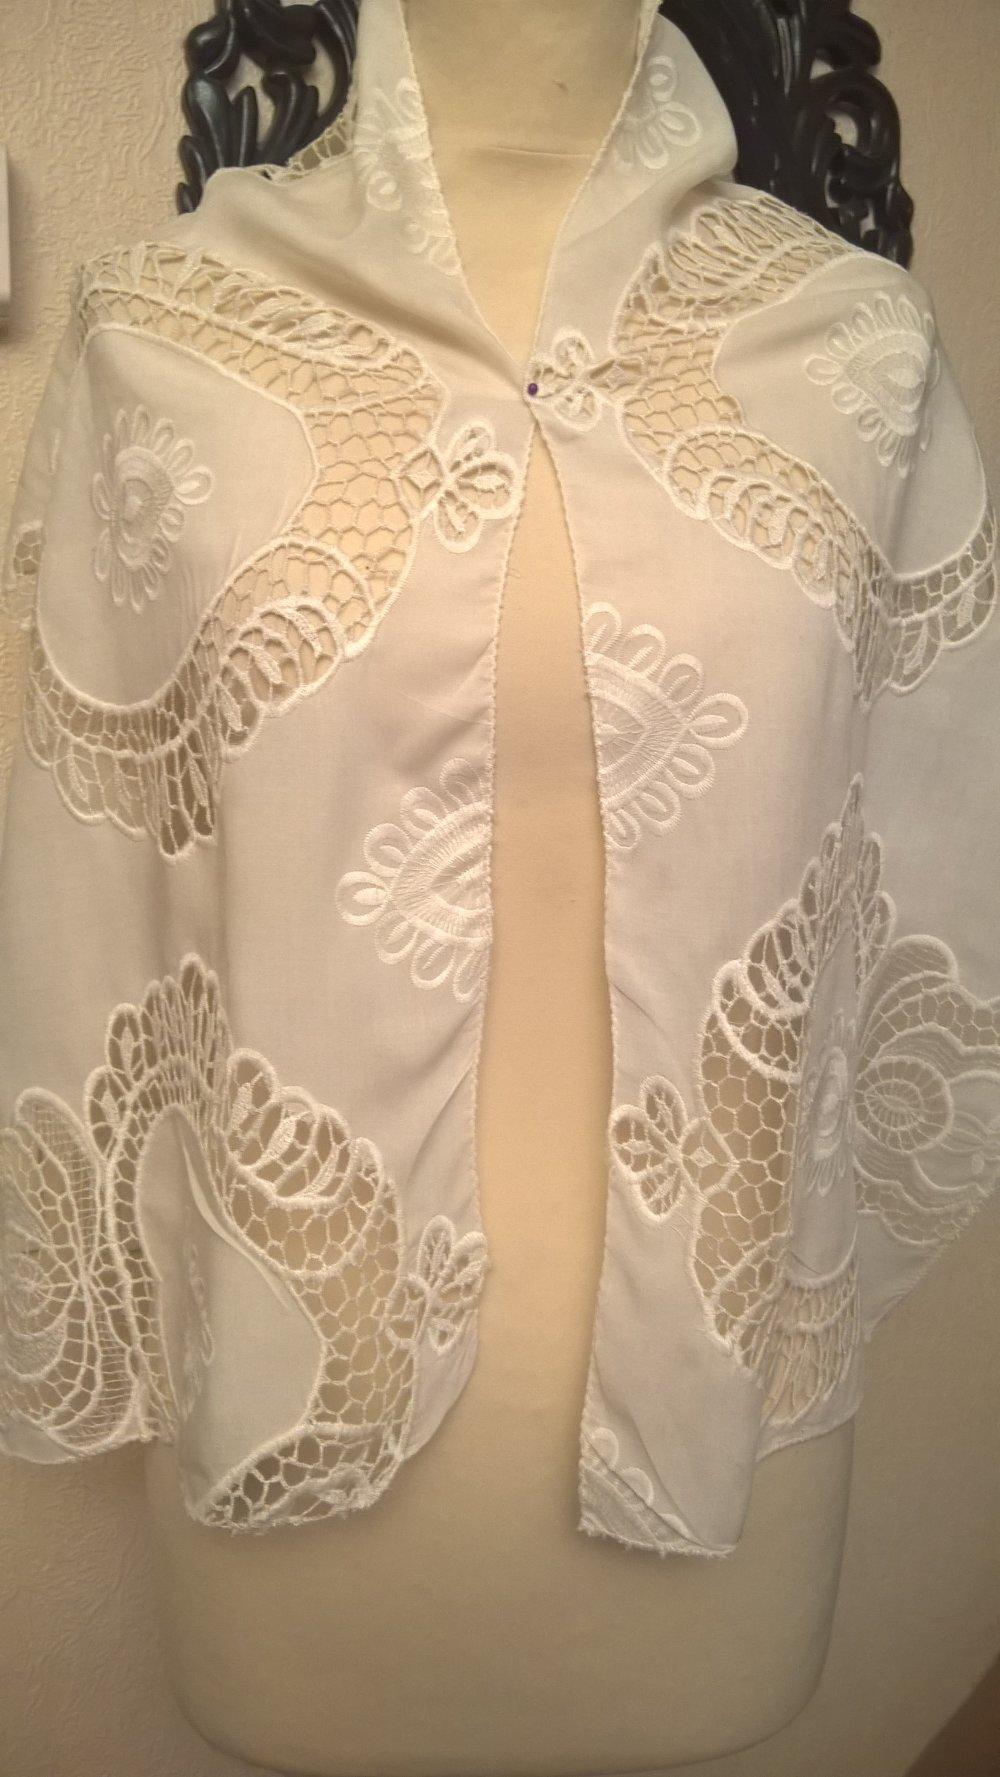 Écharpe brodé,en coton couleur crème,écharpe femme,écharpe fille,vêtements femme